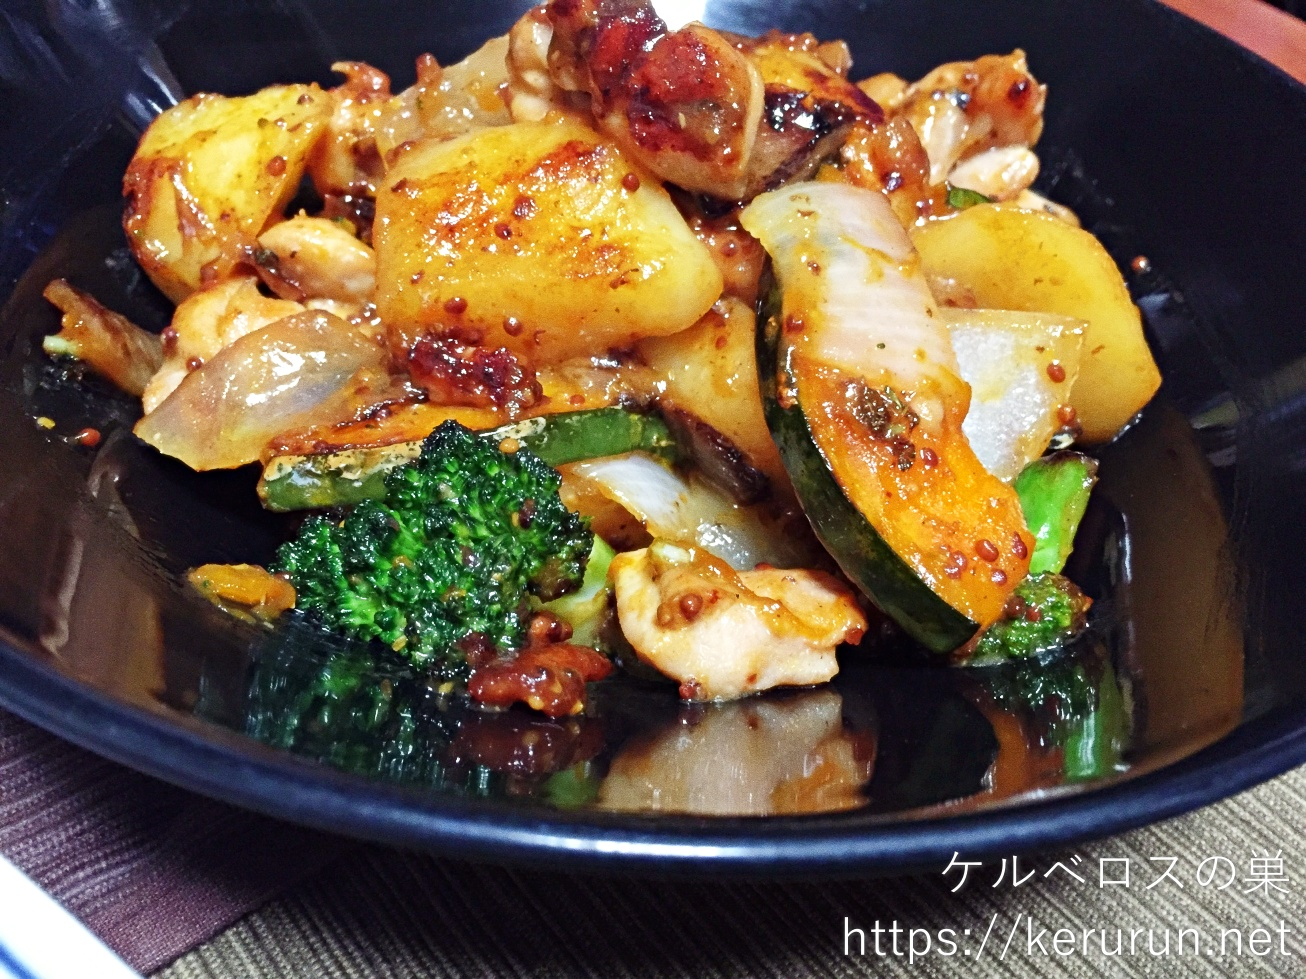 パルシステムのお料理セット「産直鶏肉の粒マスタード炒め」で晩ごはん